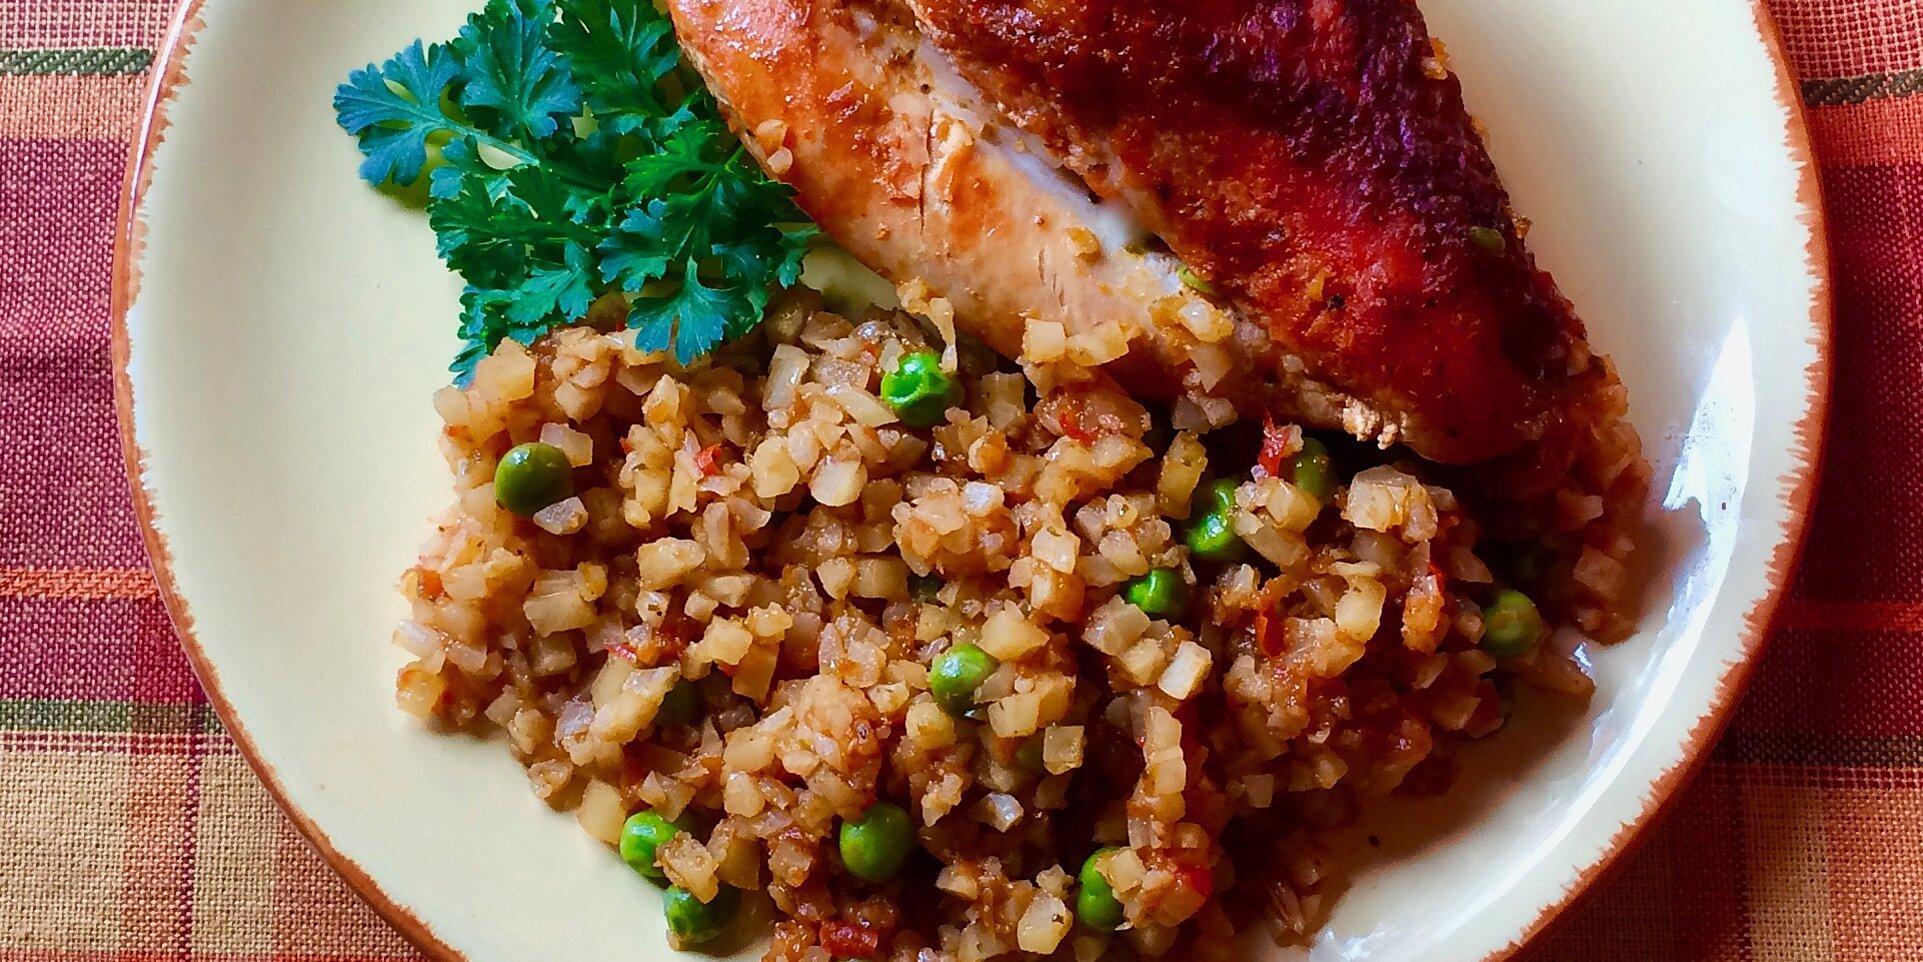 sofrito chicken and cauliflower rice recipe